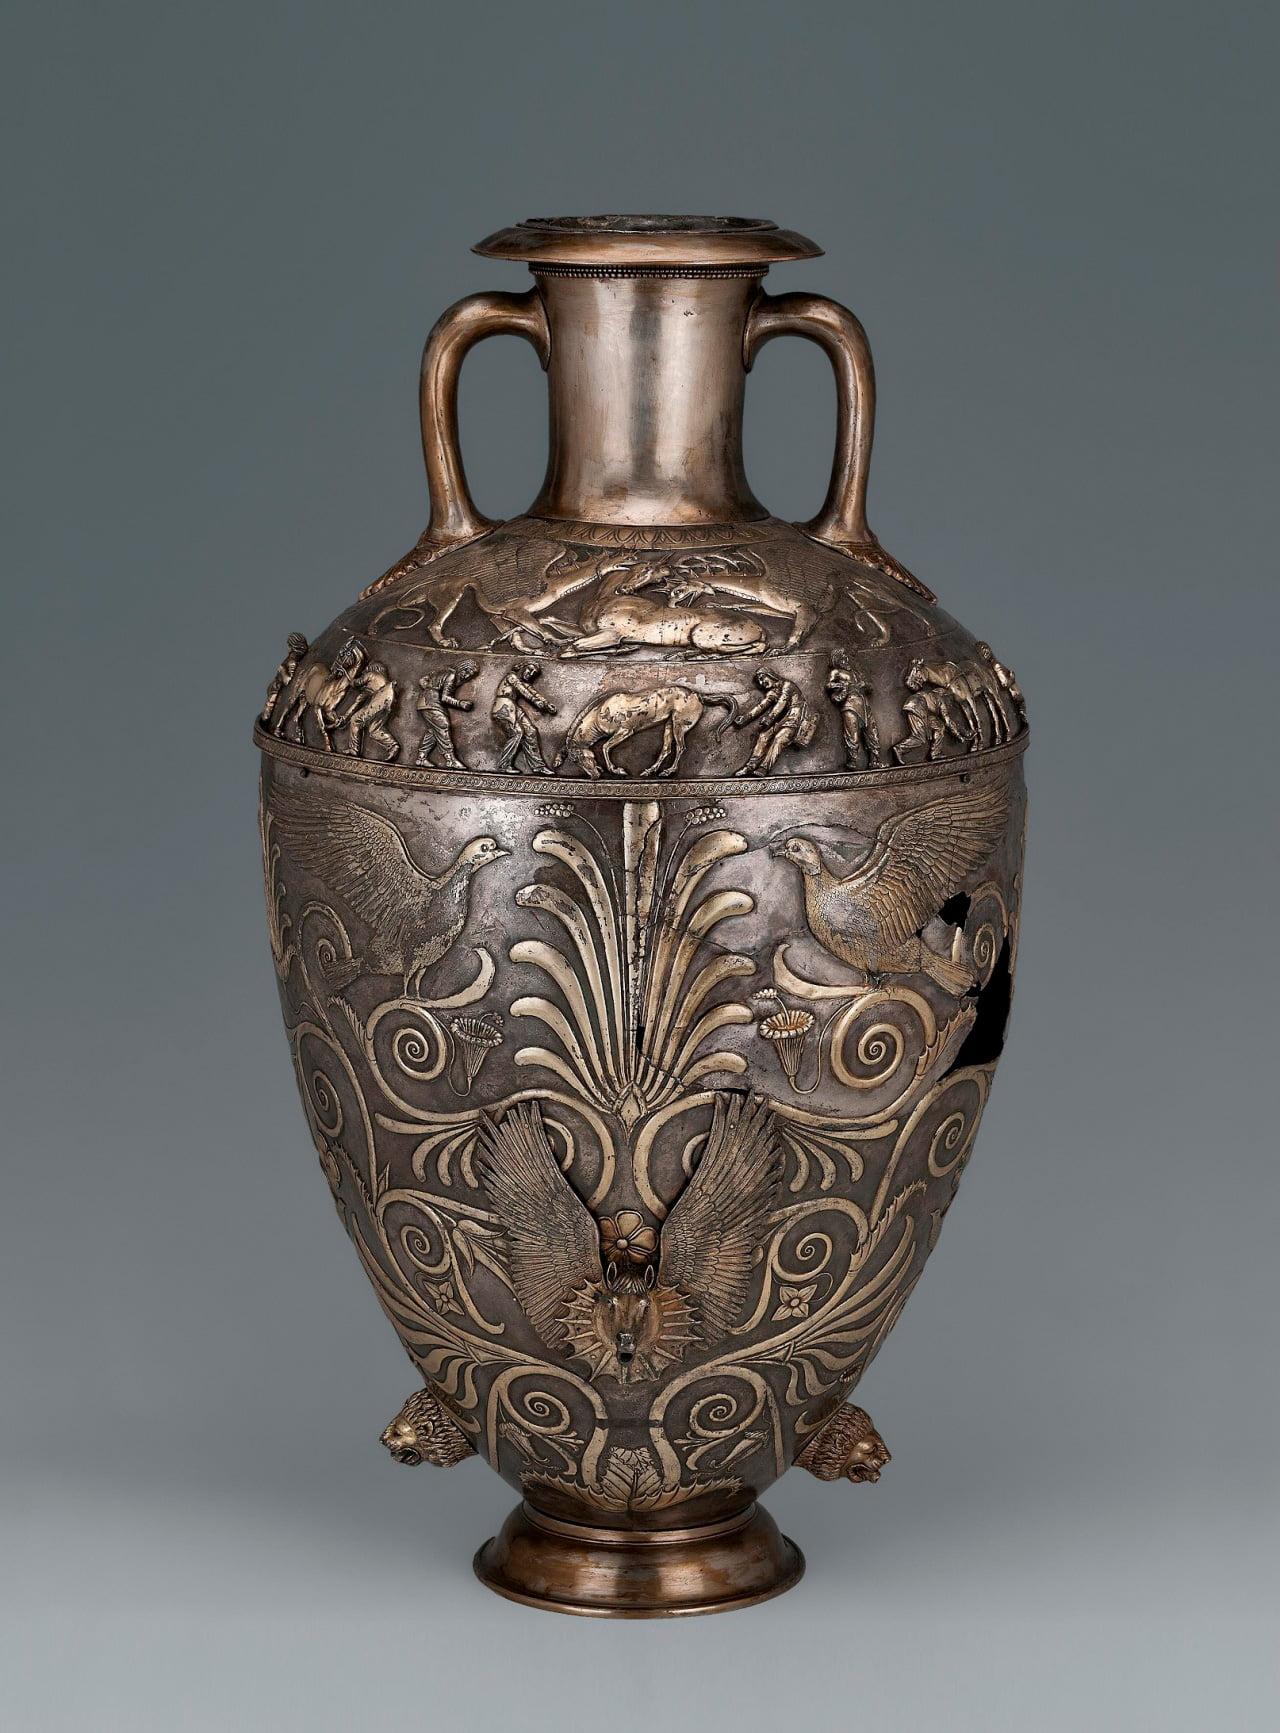 Ваза или амфора из Чертомлыкского кургана, IV век до н.э.